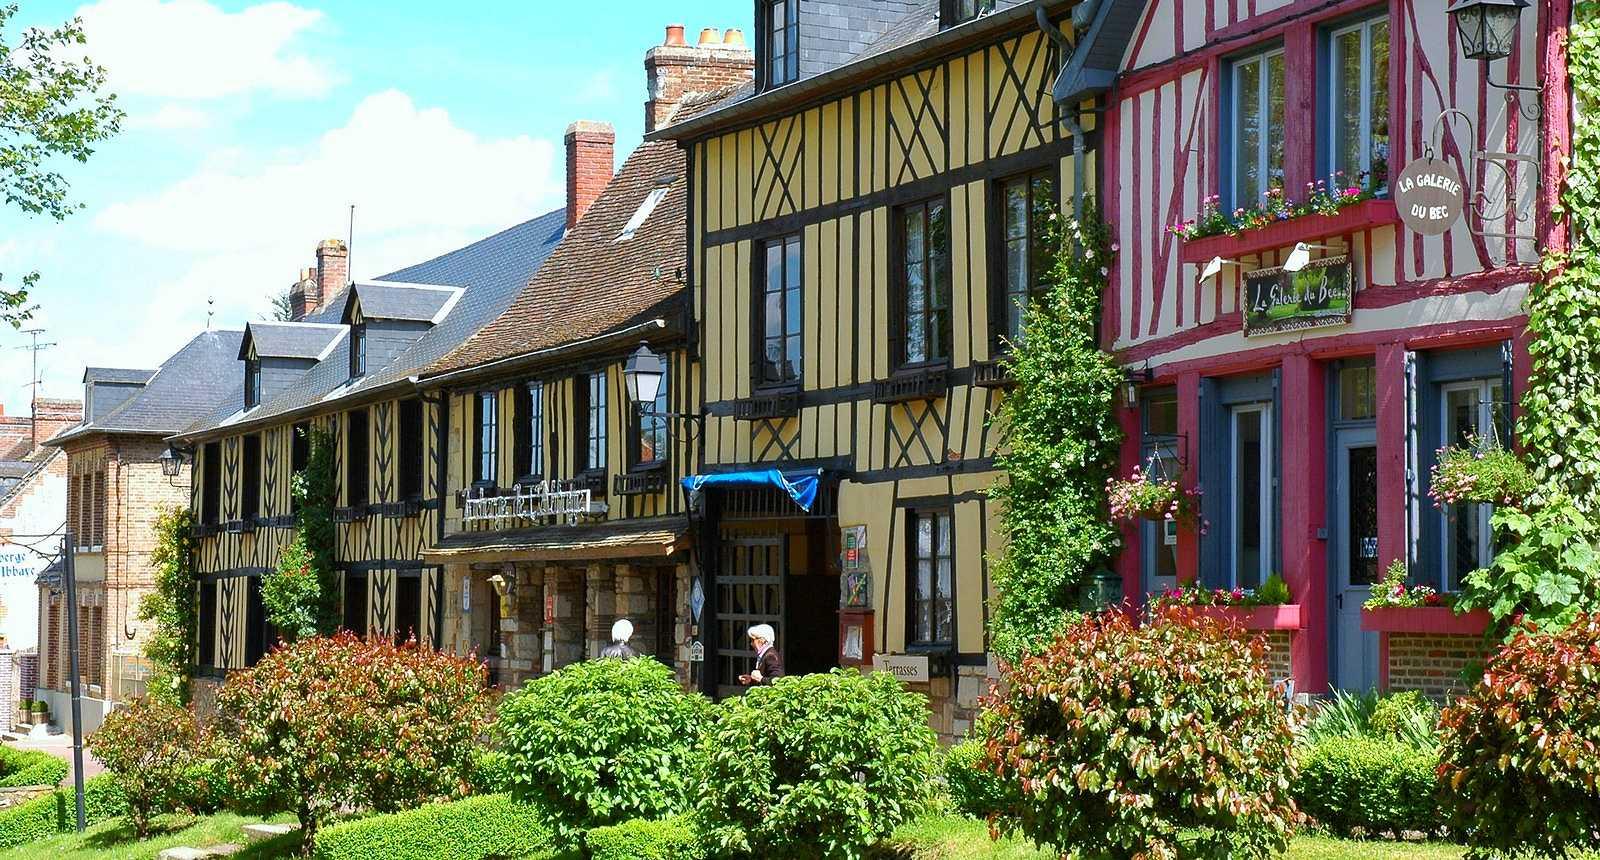 Le Bec-Hellouin et ses jolies maisons